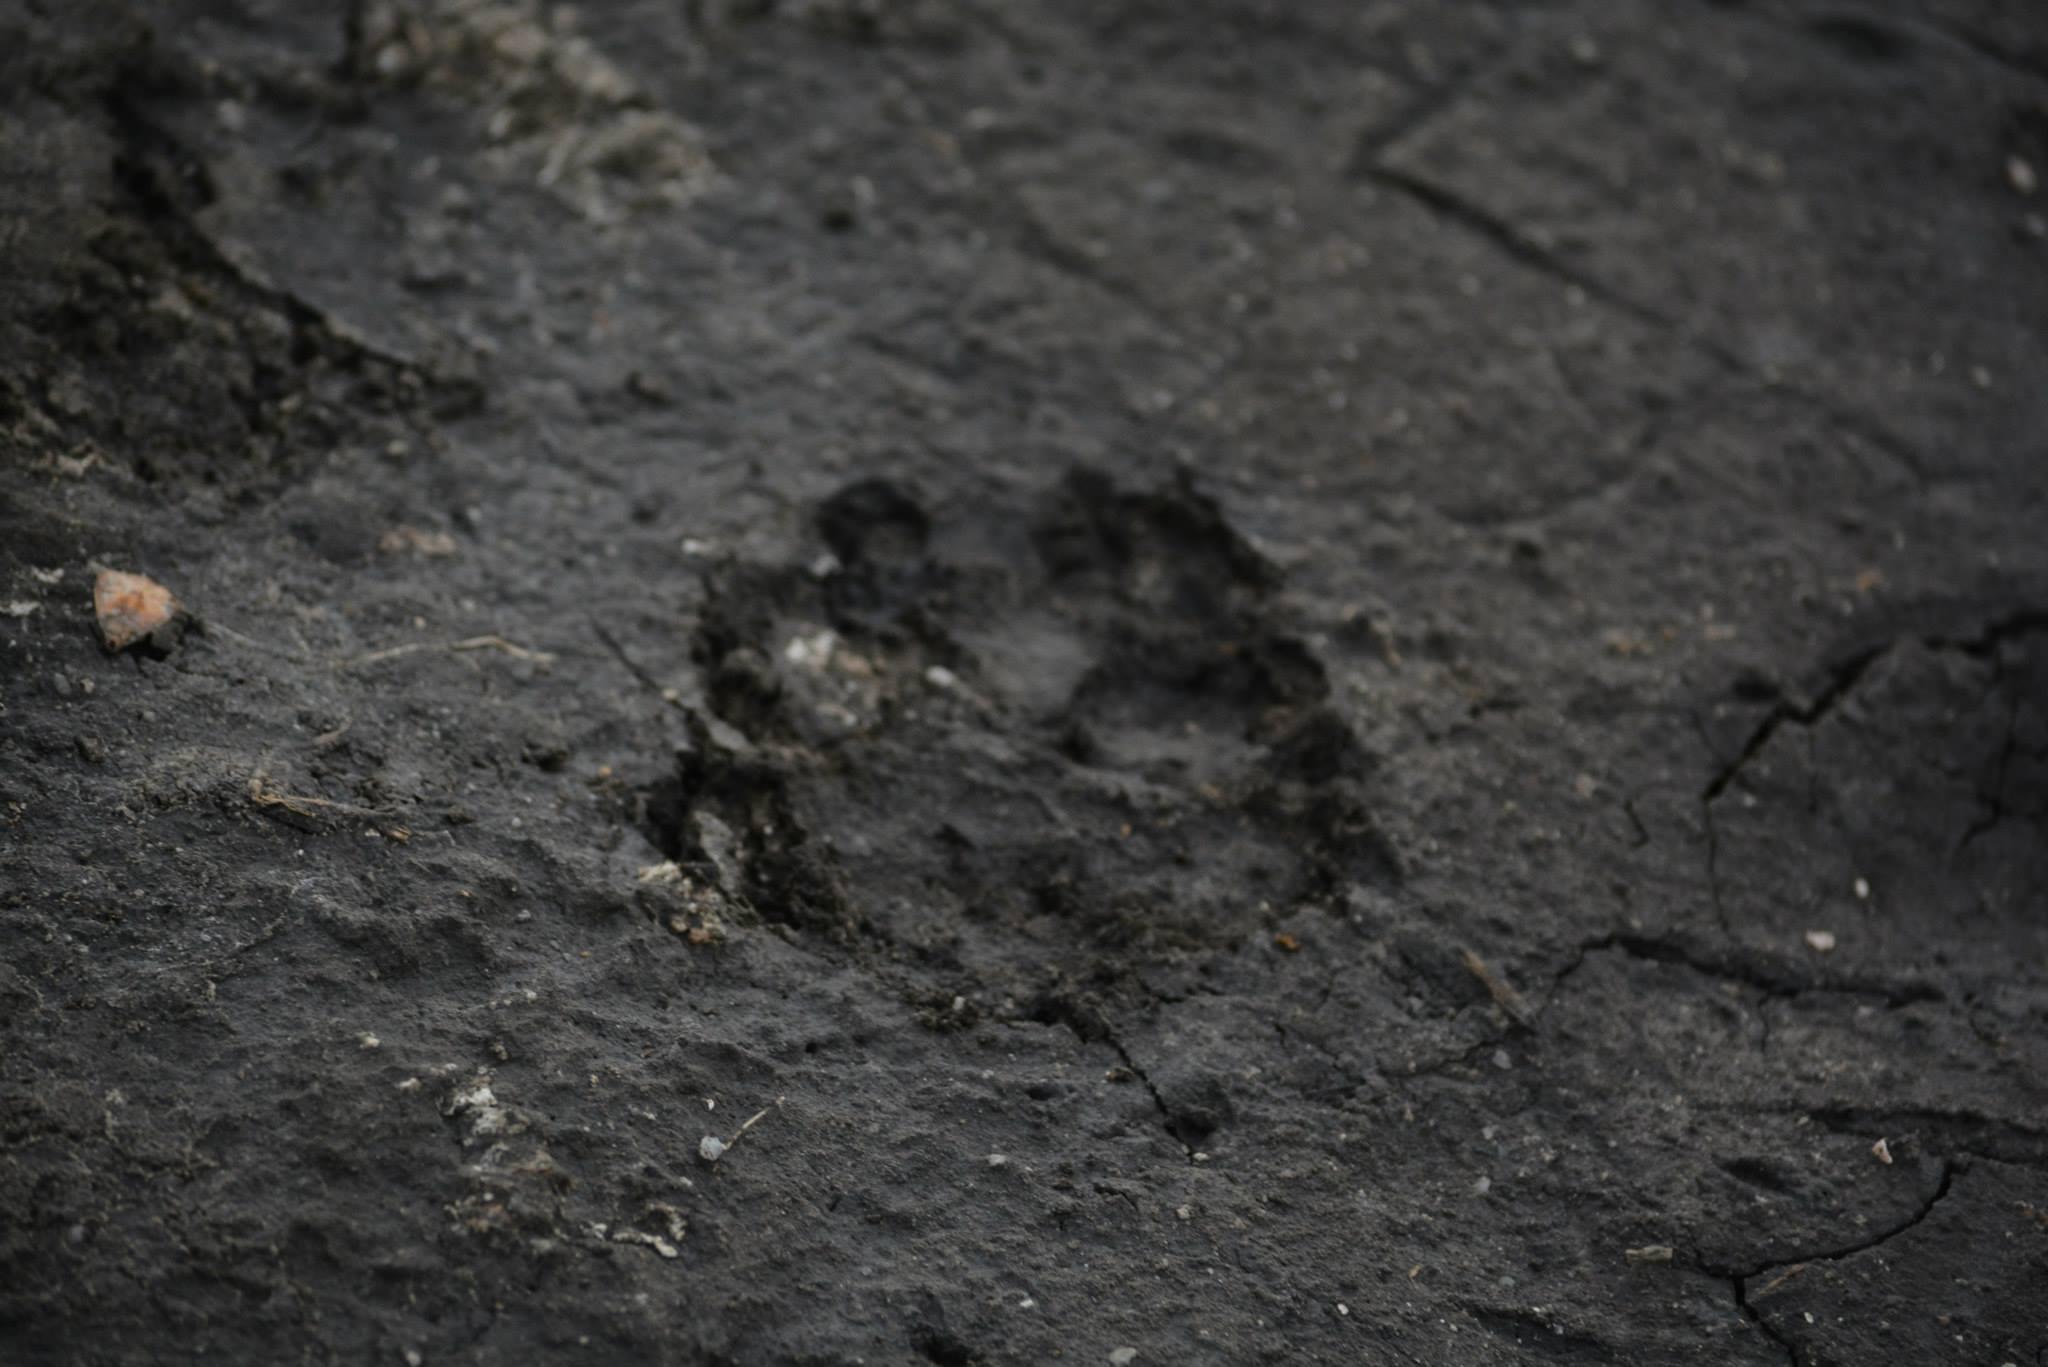 עקבה של אריה בבוץ